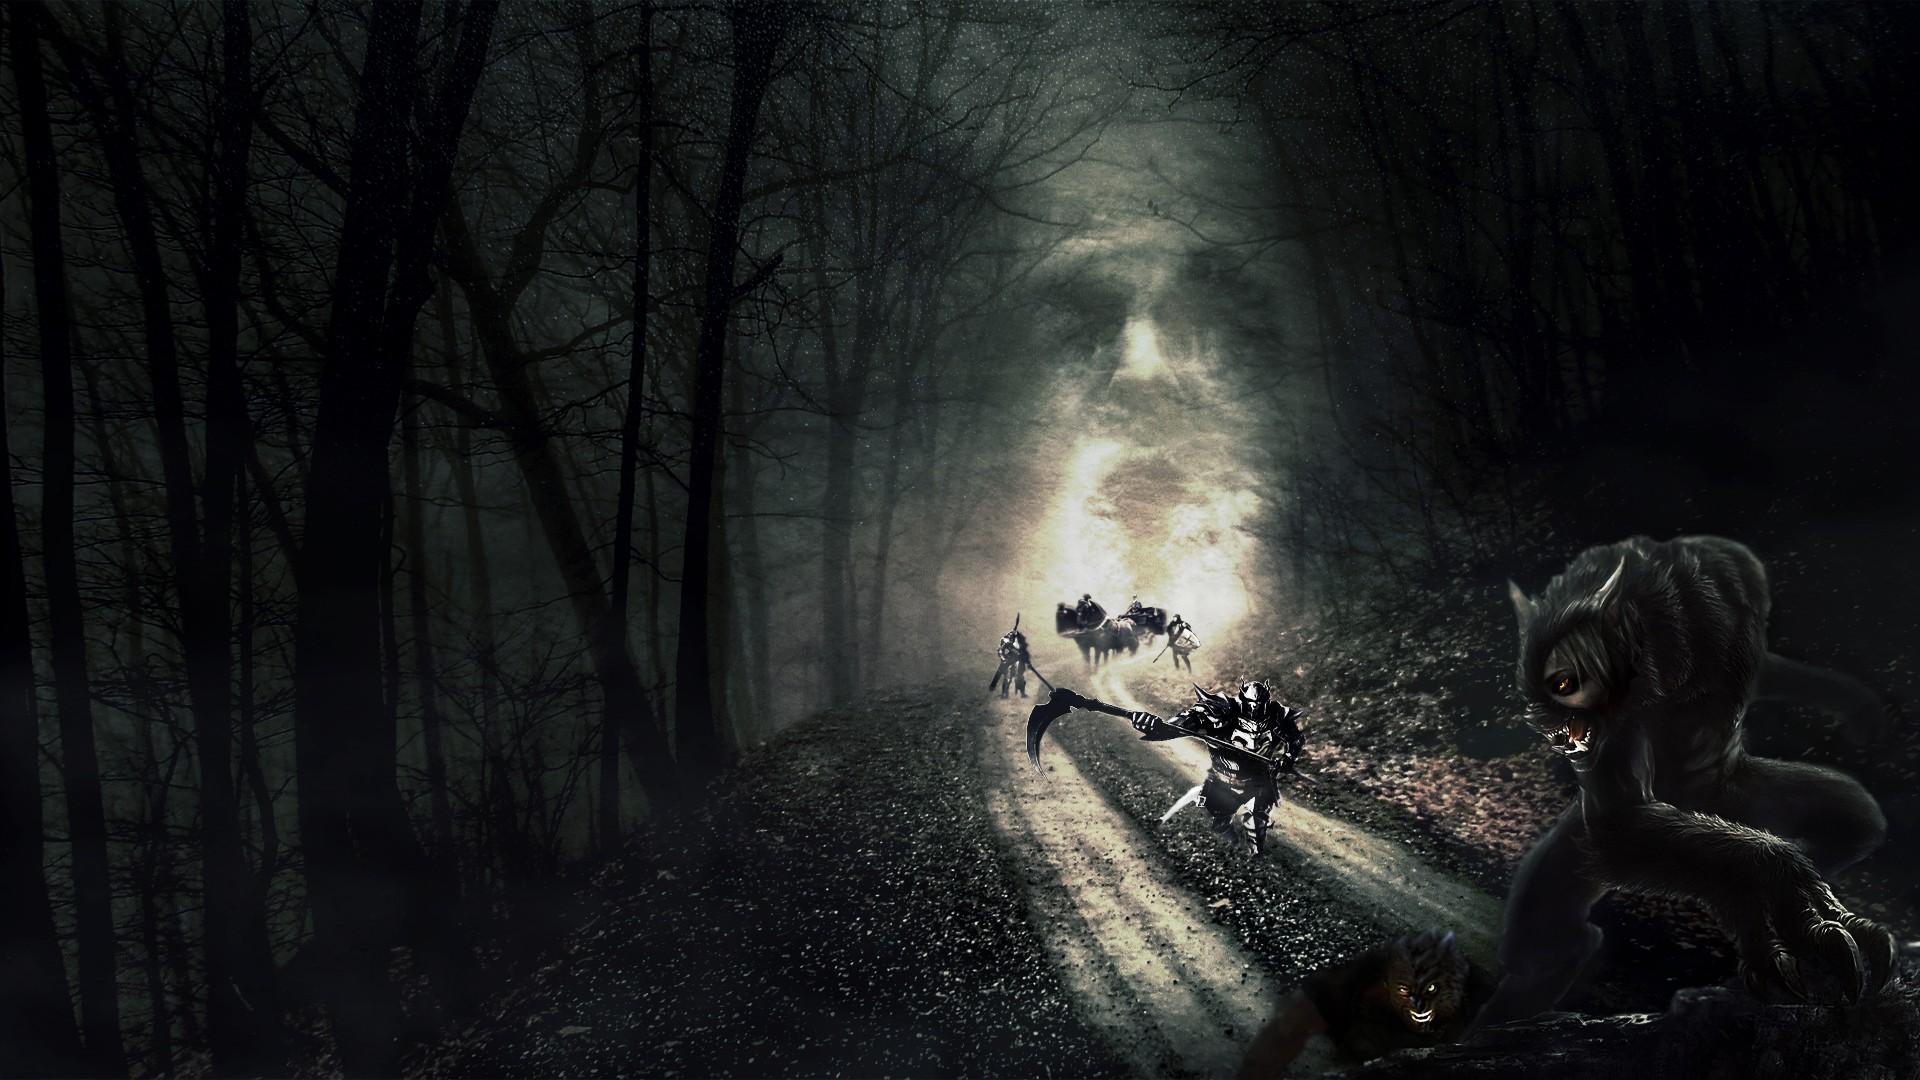 Ночной ужас картинки